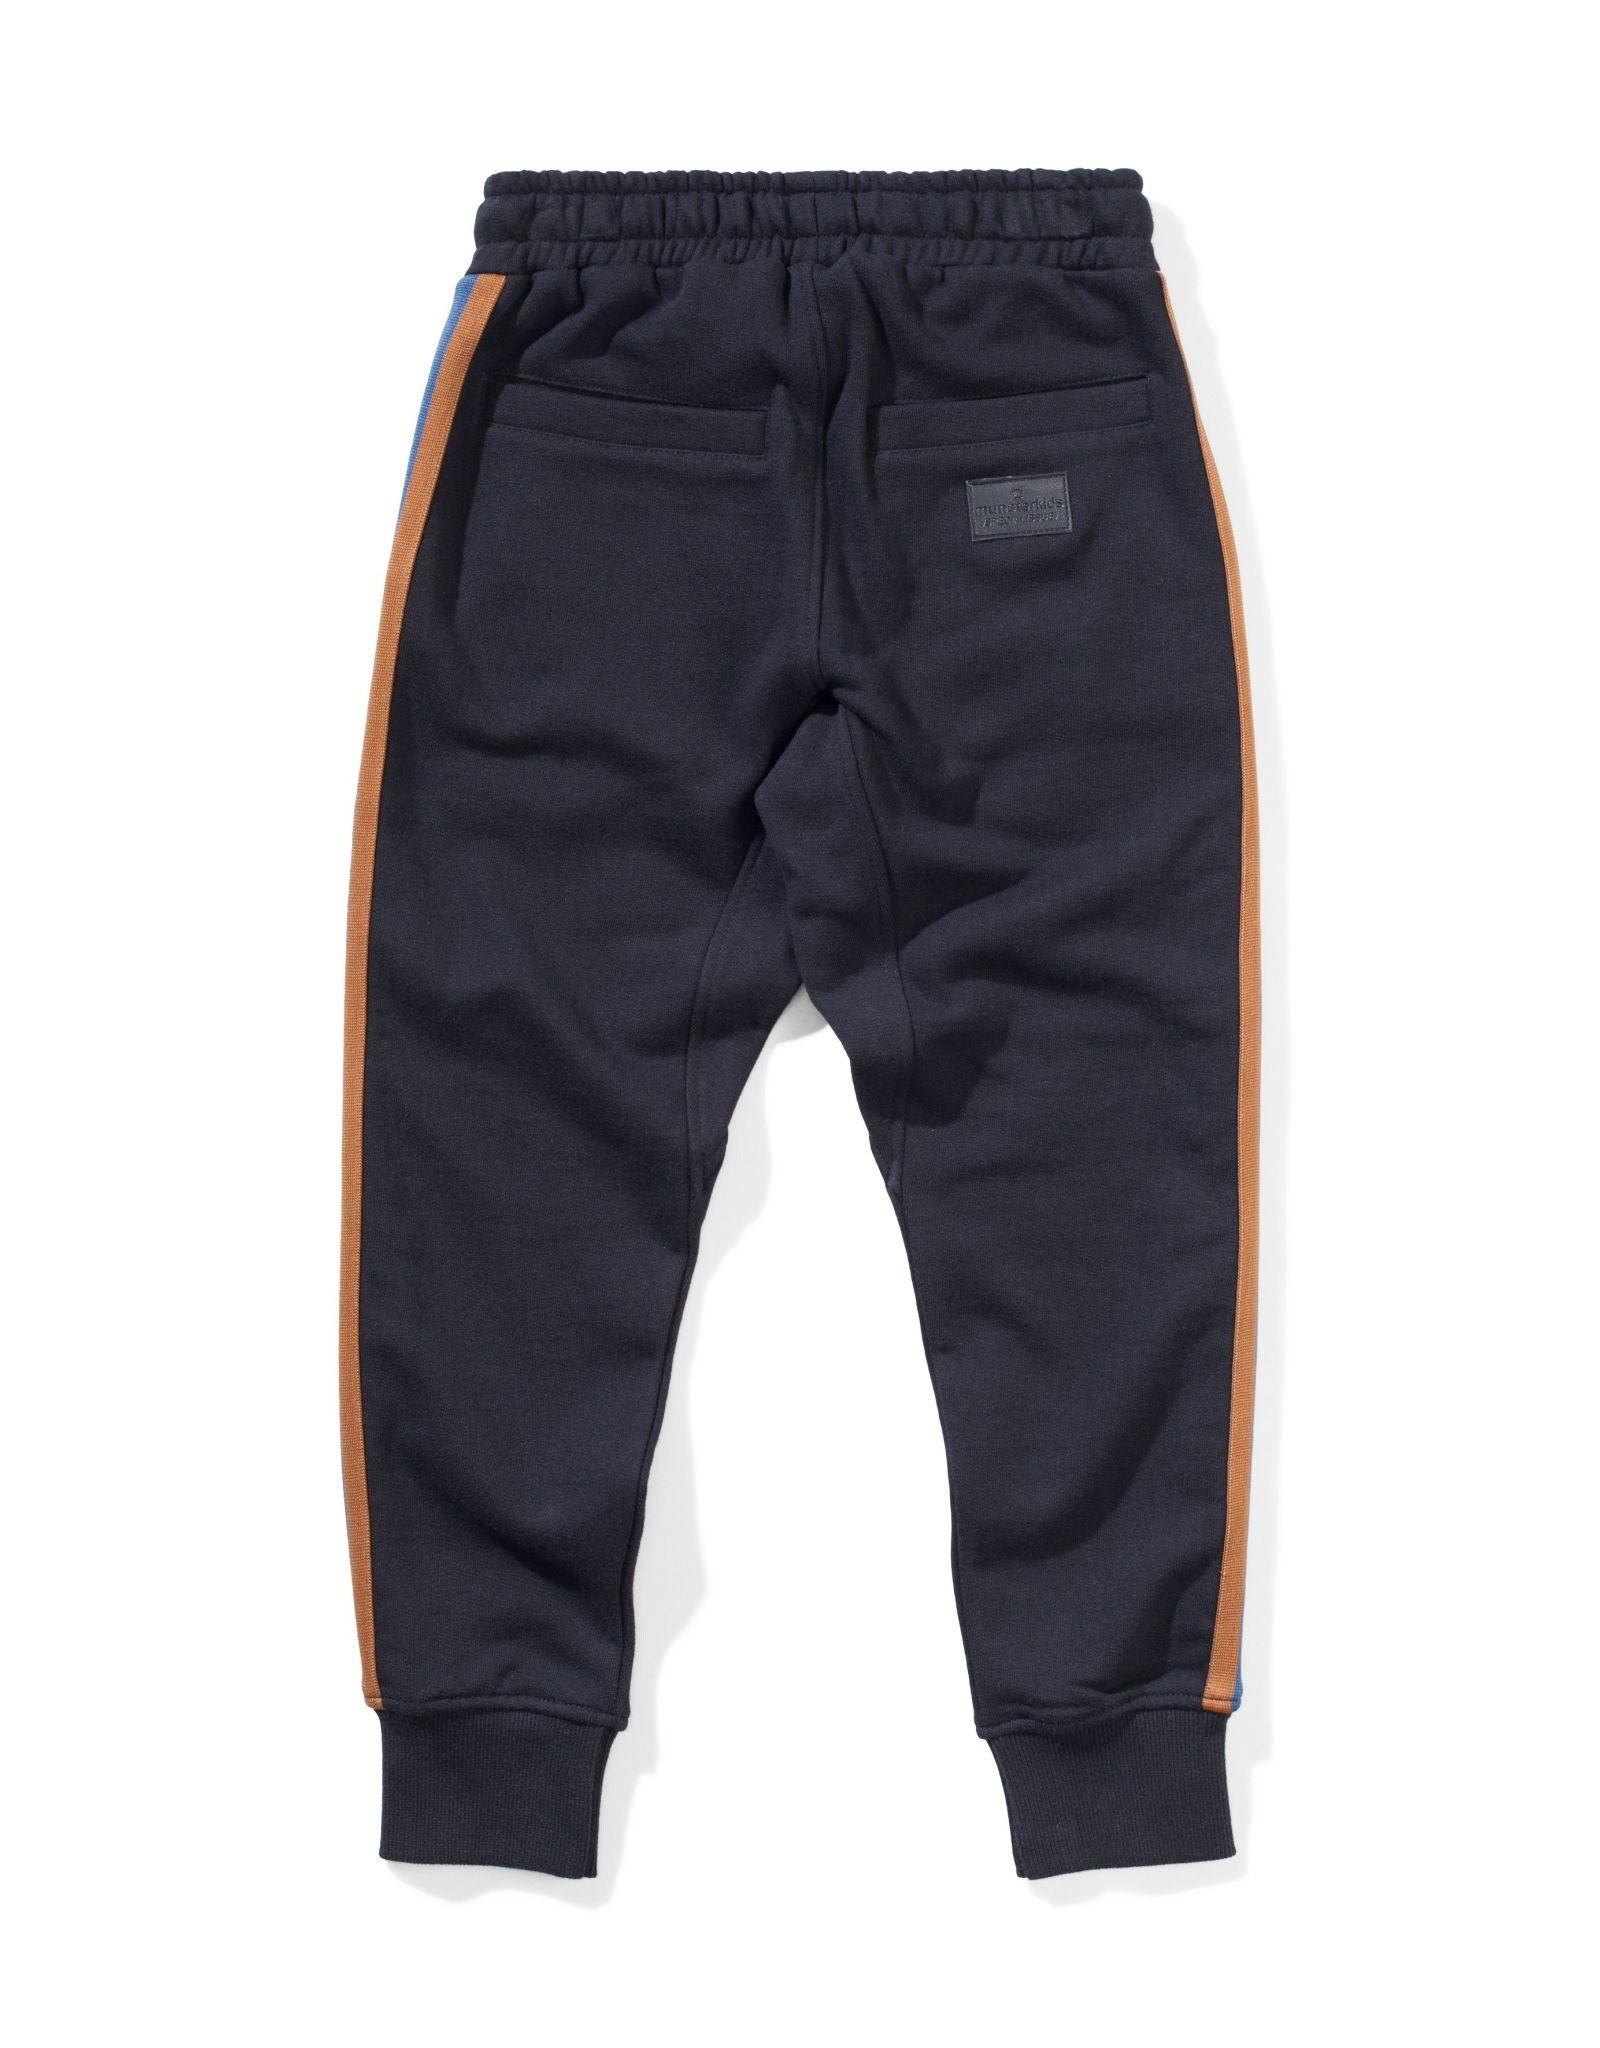 Munster Kids tracker pant- black